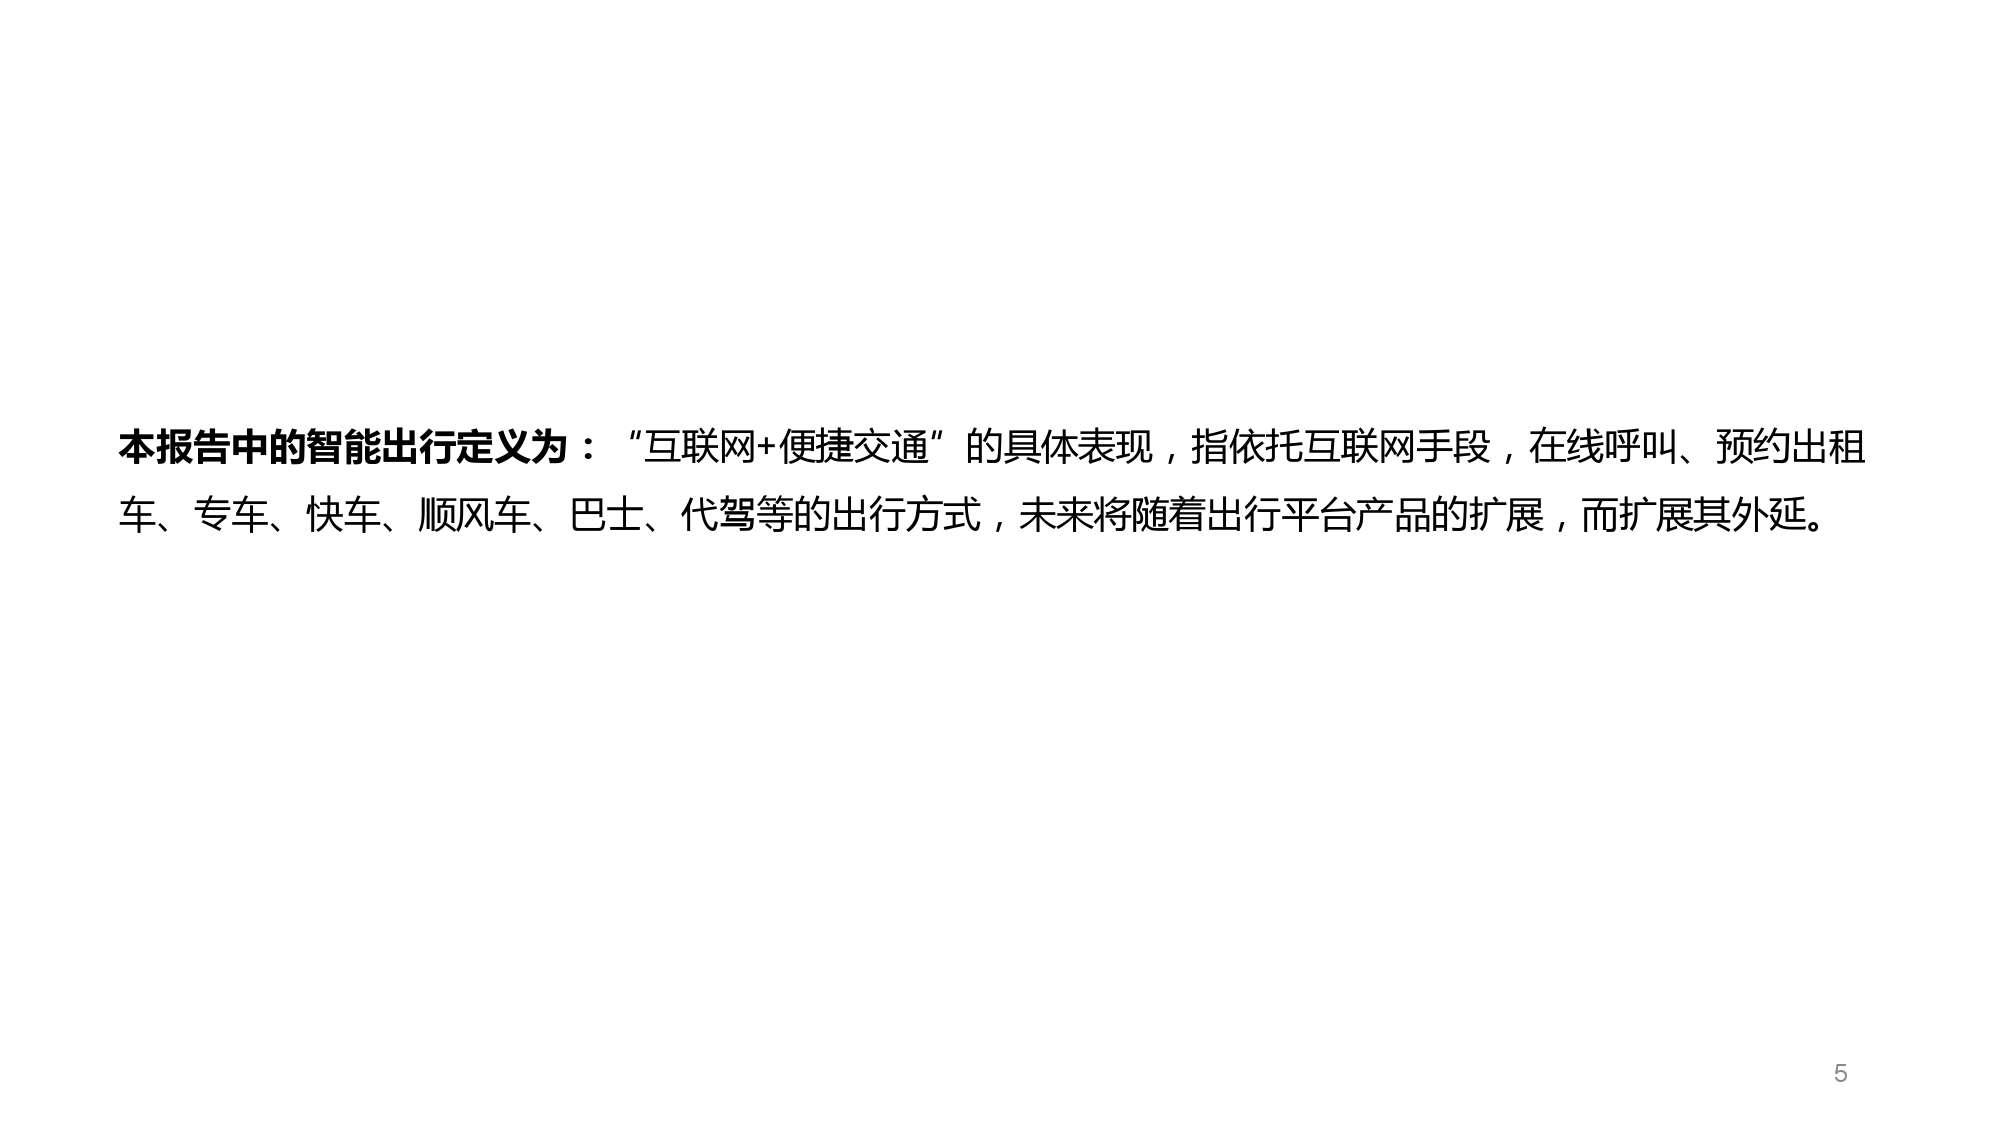 中国智能出行2015大数据报告_000005